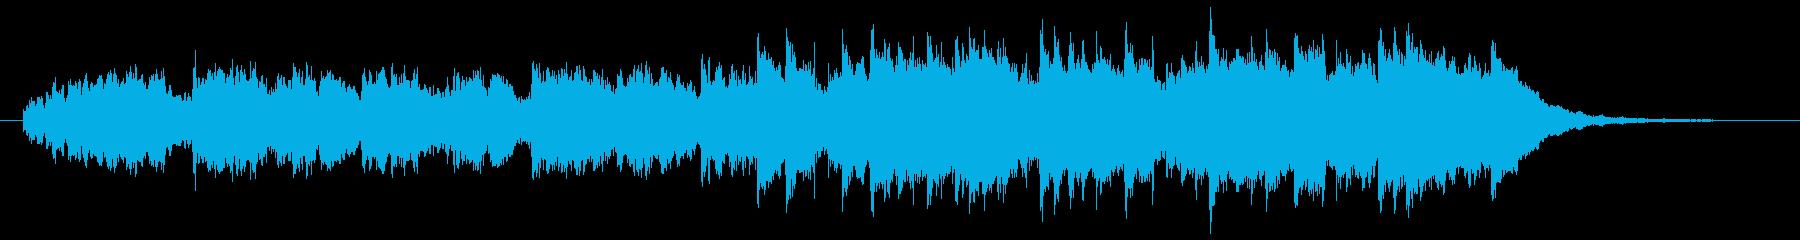 芽吹きを感じる3拍子のピアノ曲の再生済みの波形